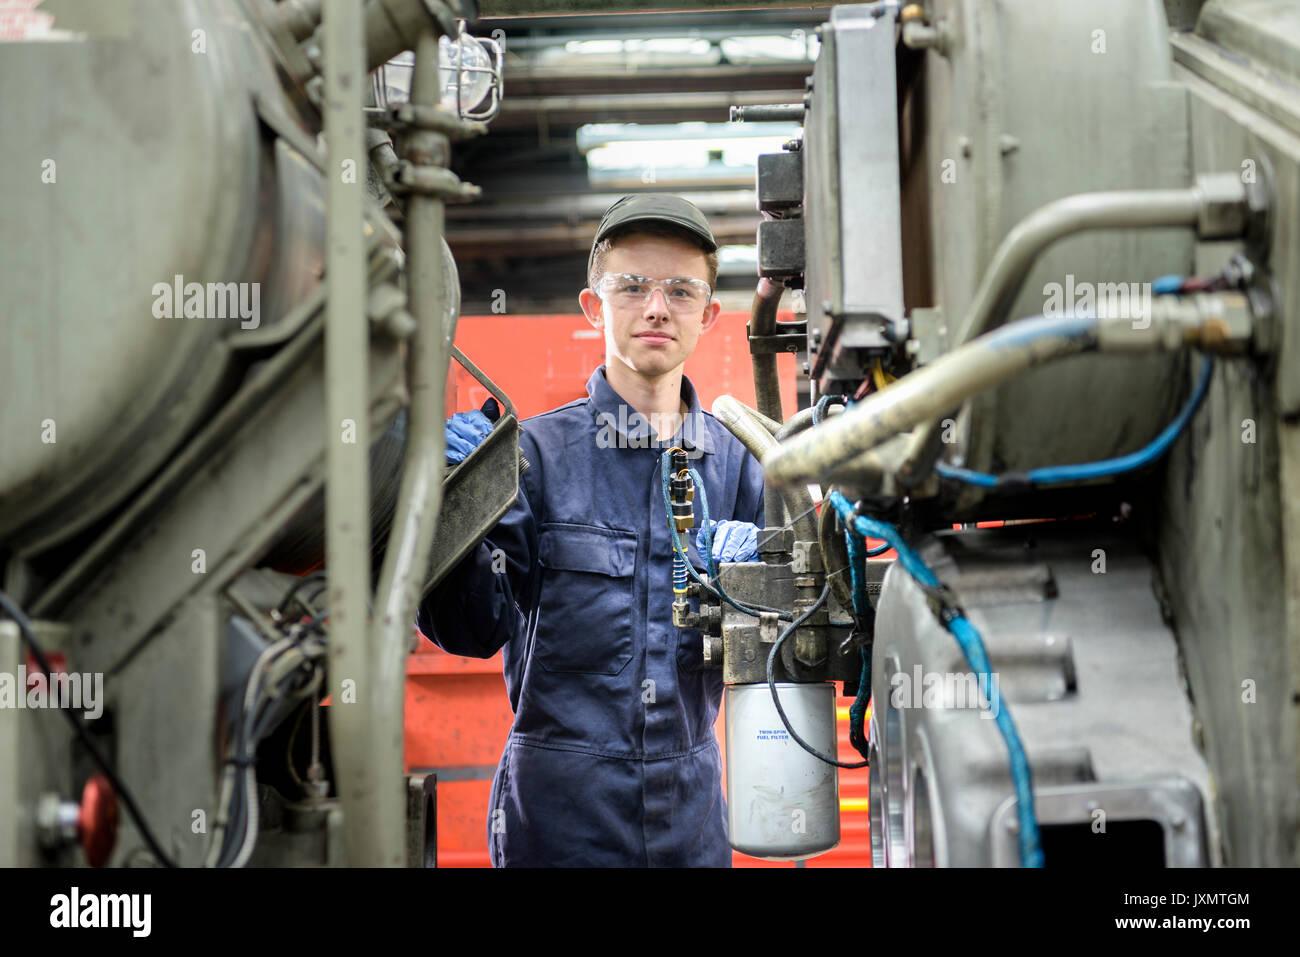 Portrait de jeune apprenti mécanicien en train de travaux Photo Stock